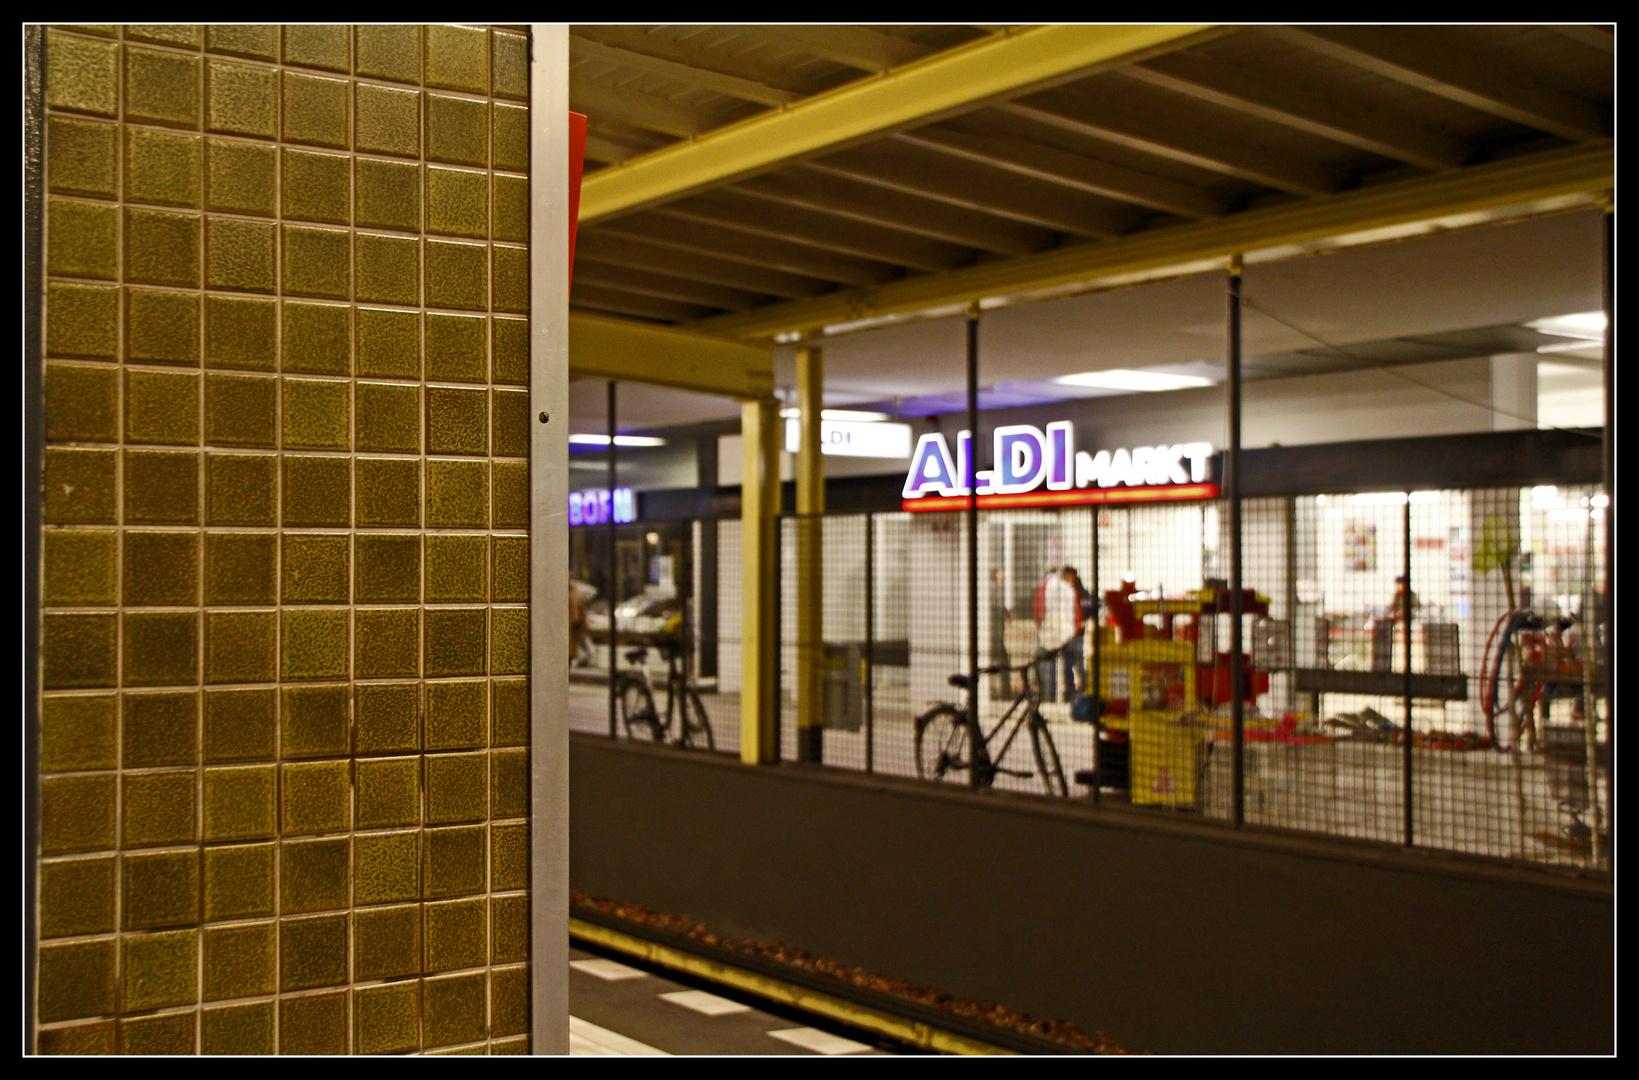 Aldi im/am U-Bahnhof Onkel Toms Hütte